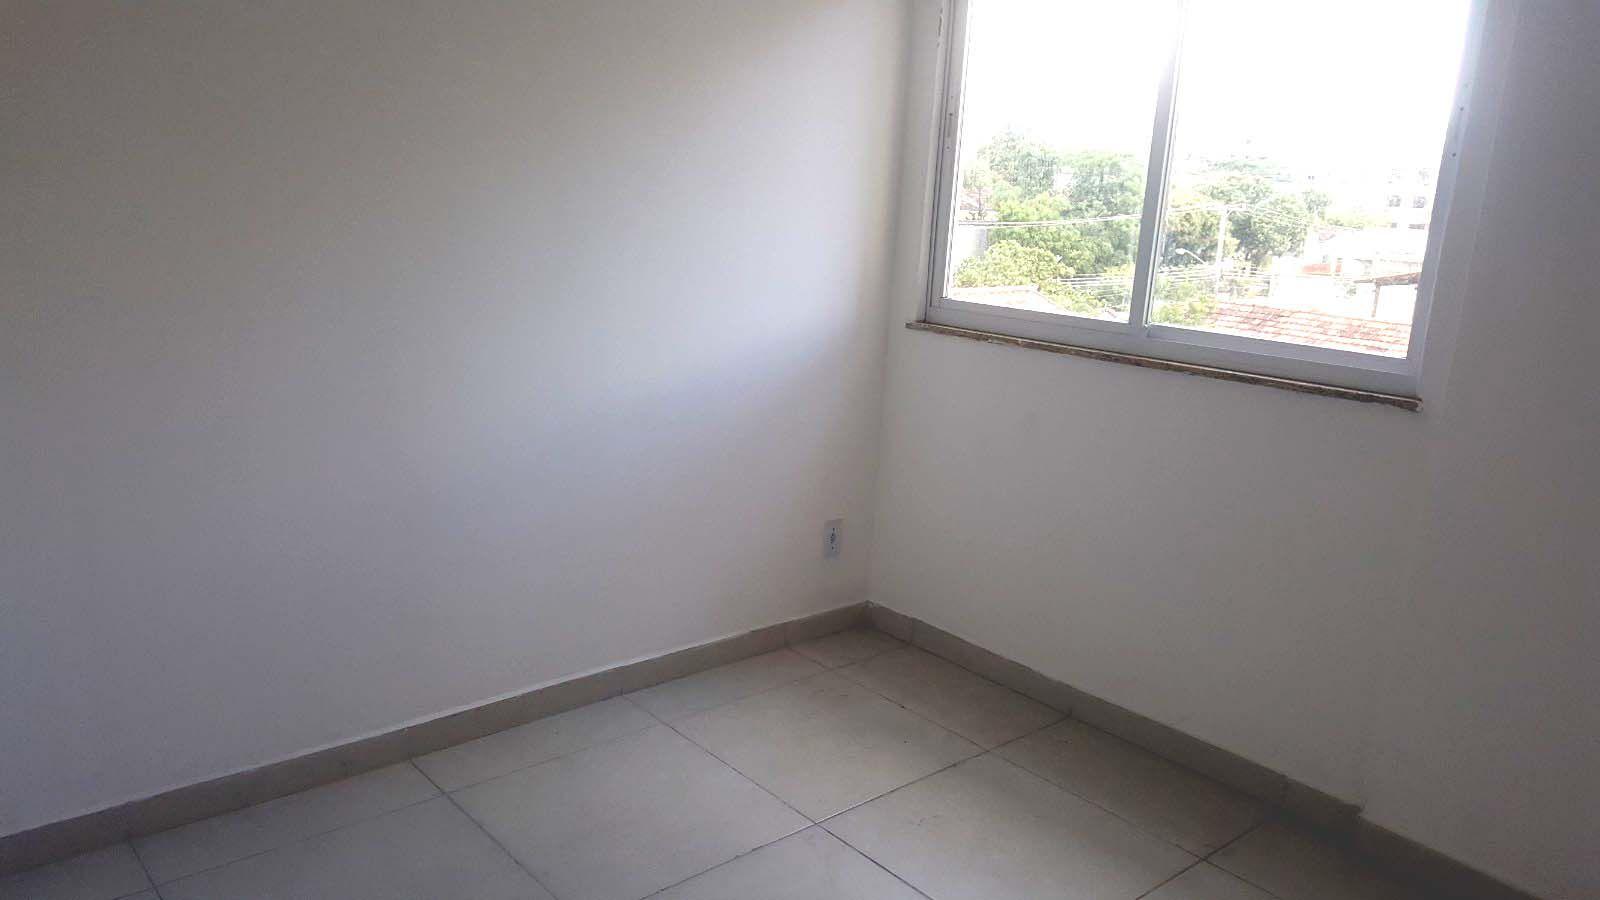 Apartamento 2 quartos à venda Vila Valqueire, Rio de Janeiro - R$ 370.000 - op1123 - 11